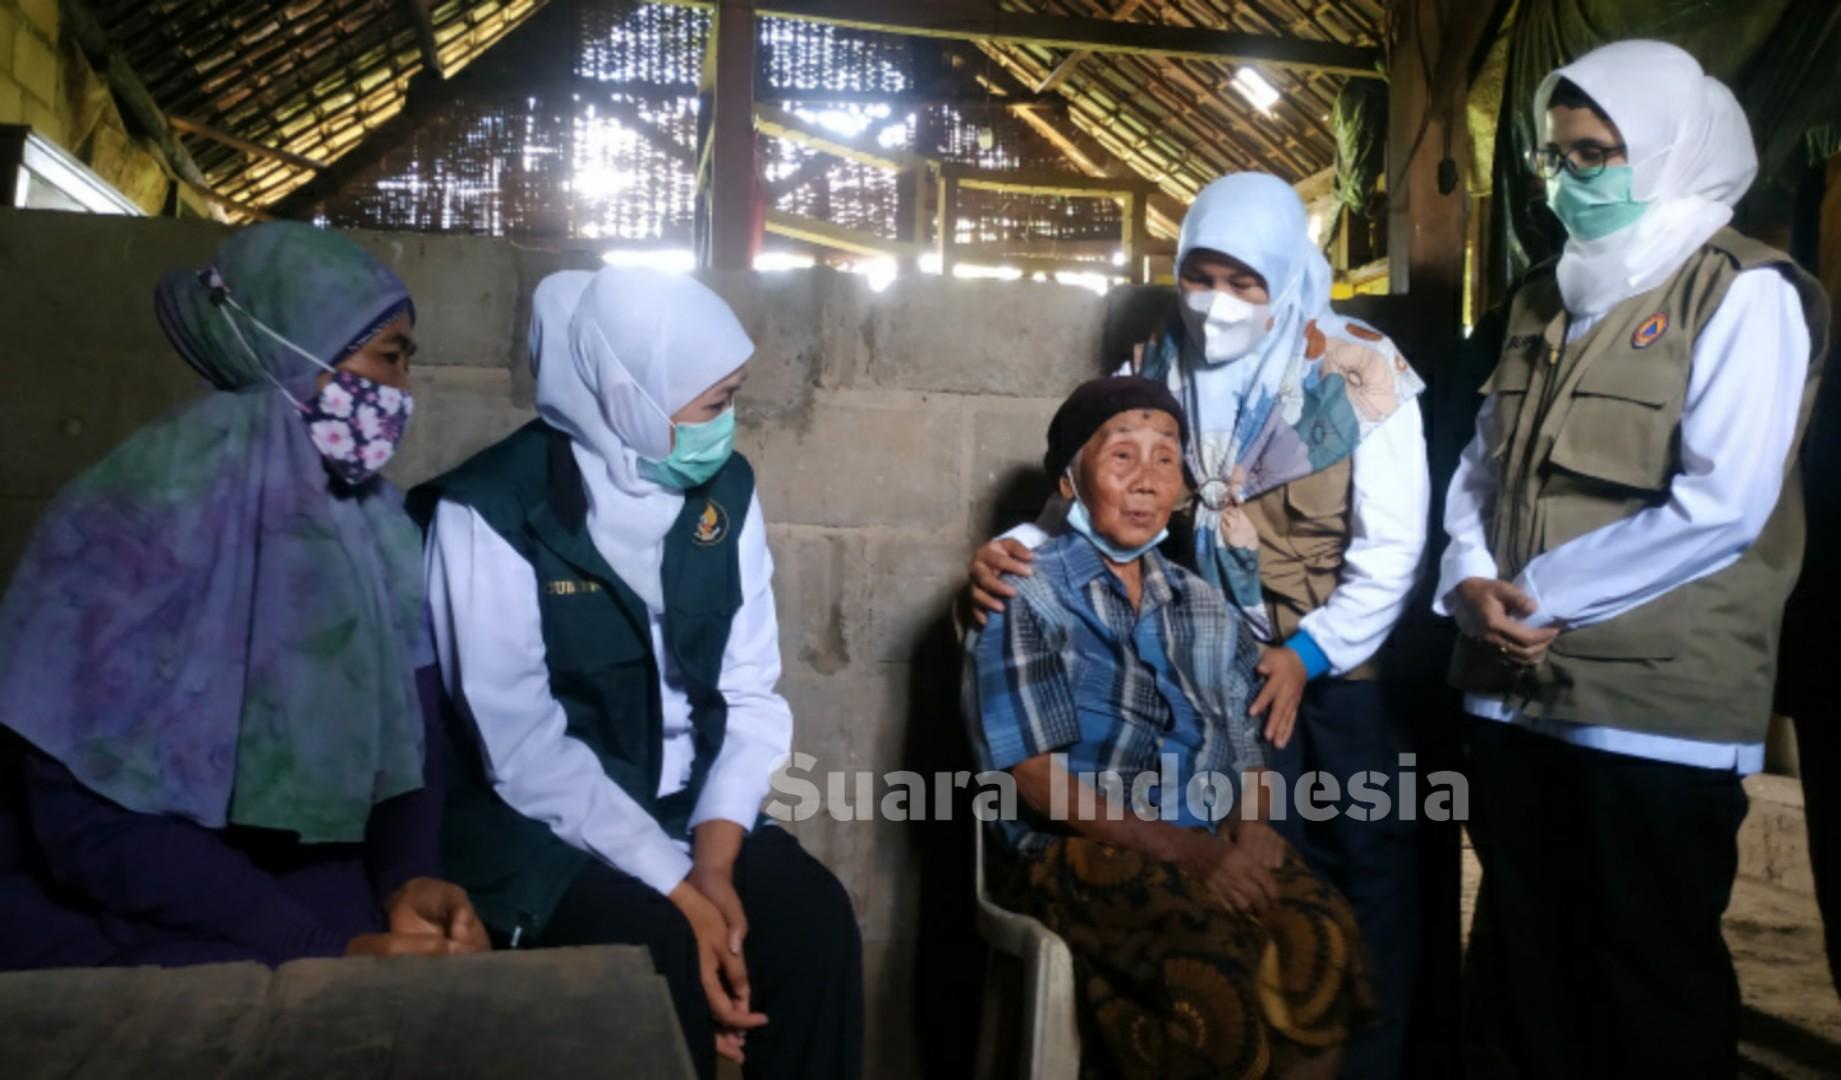 Bupati Blitar Dampingi Gubernur Jatim, Tinjau Korban Gempa Bumi di Selorejo